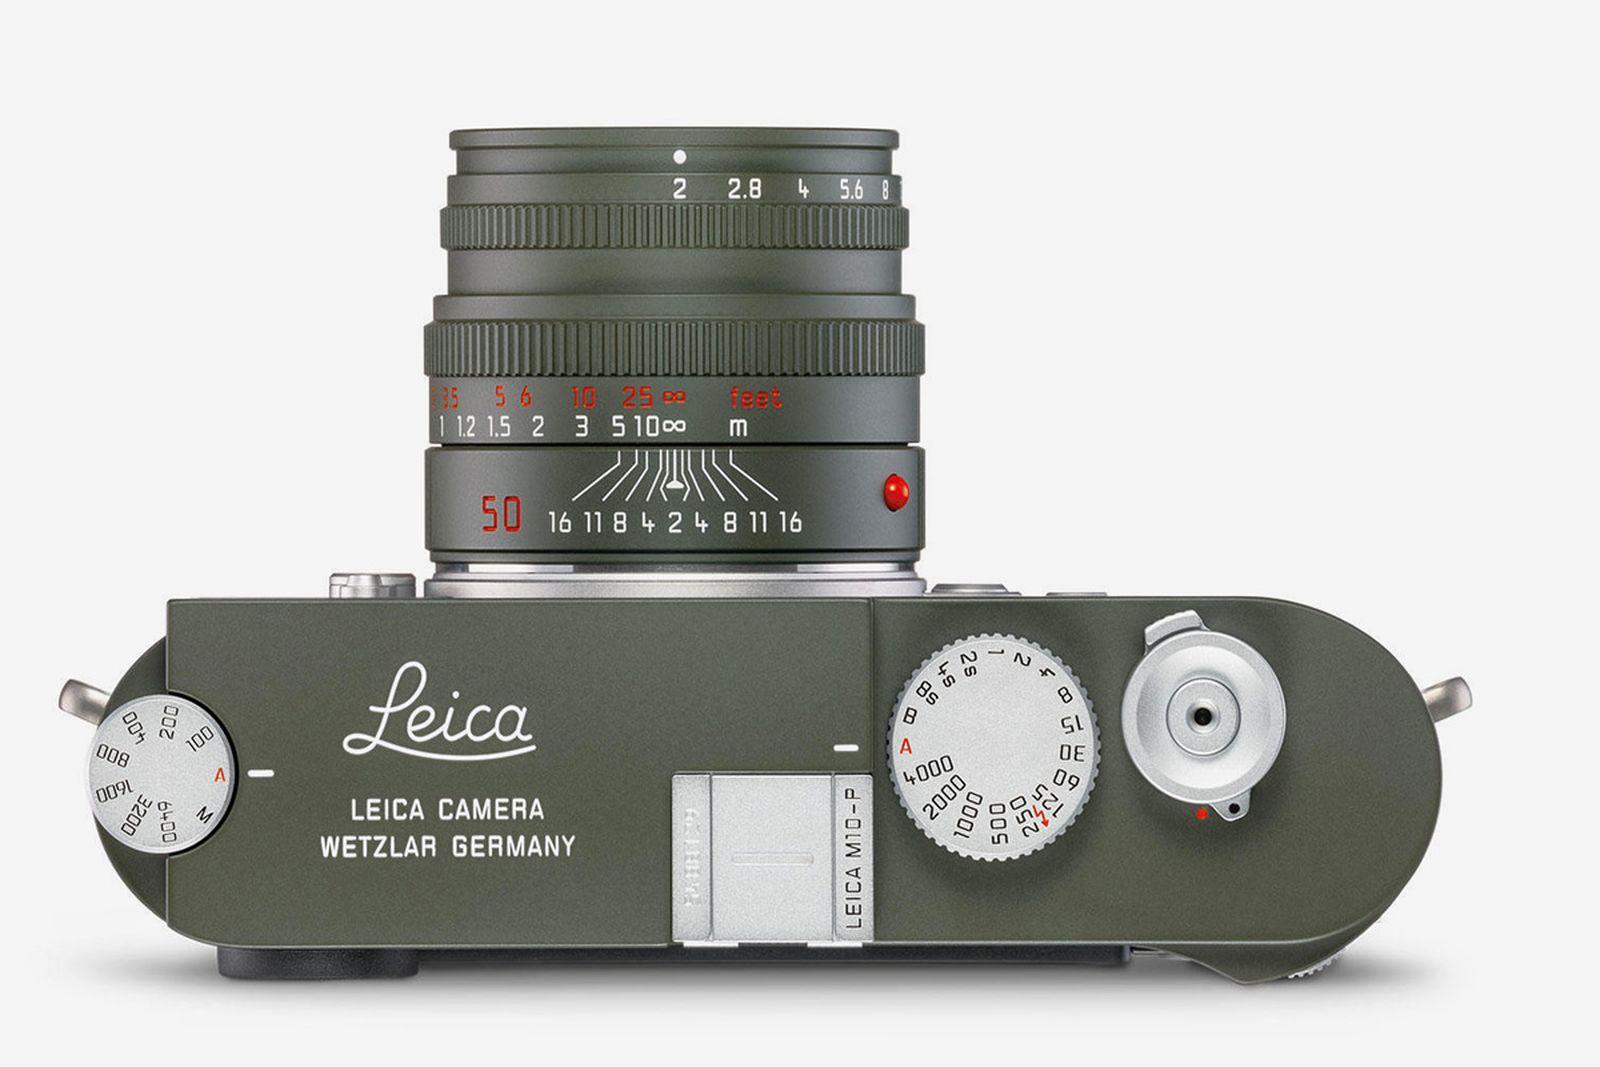 leica M10 P Safari Leica M10-P camera